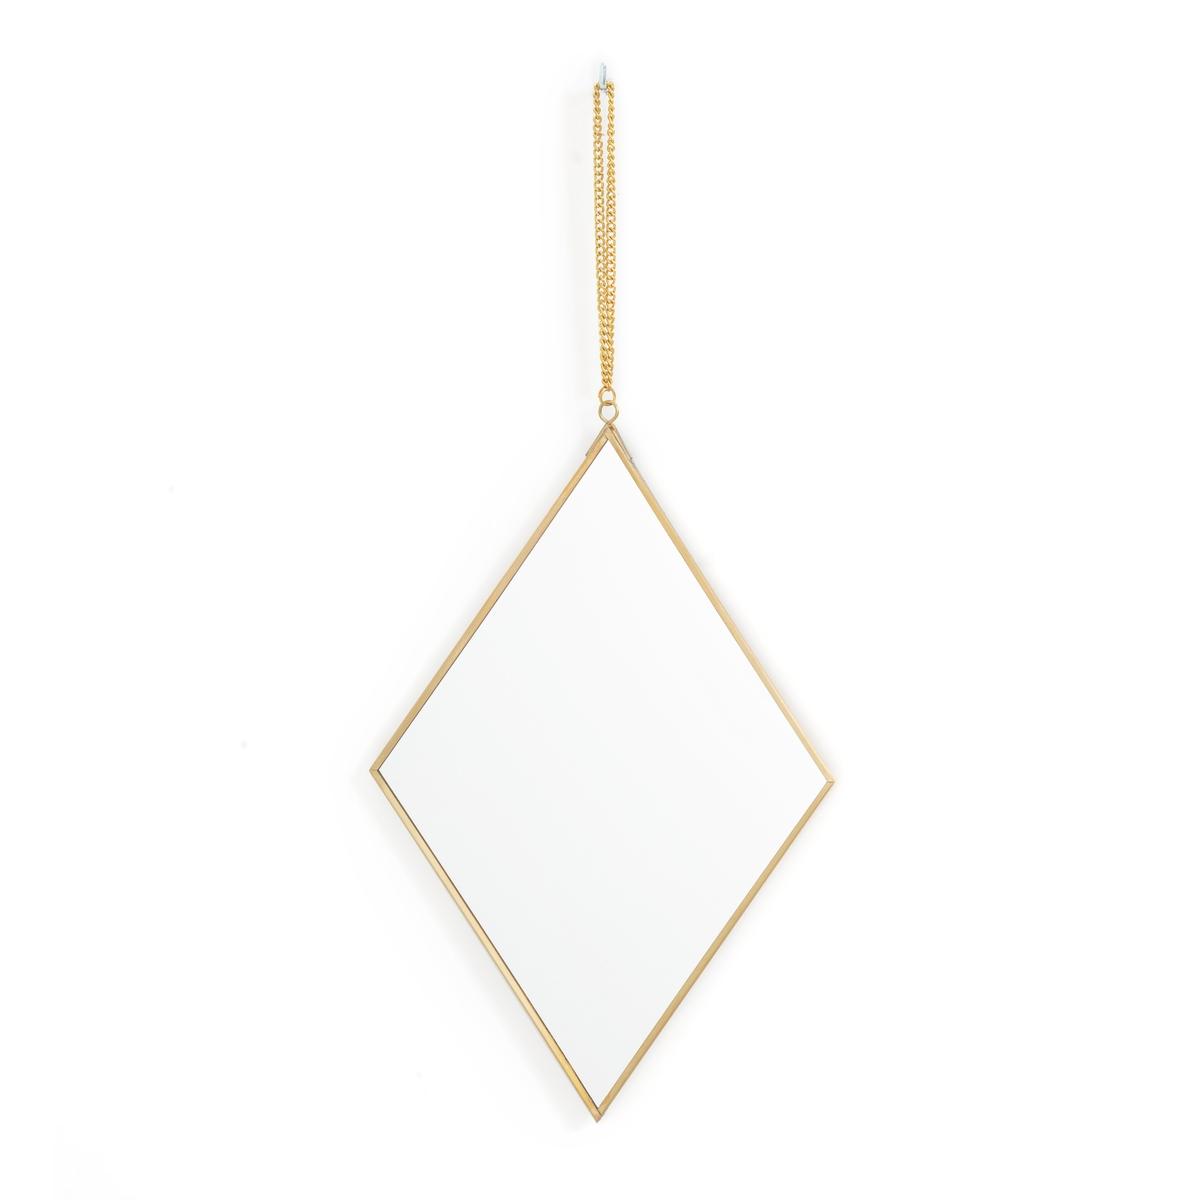 Зеркало La Redoute С двойным треугольником Uyova единый размер другие зеркало la redoute прямоугольное д x в см barbier единый размер другие